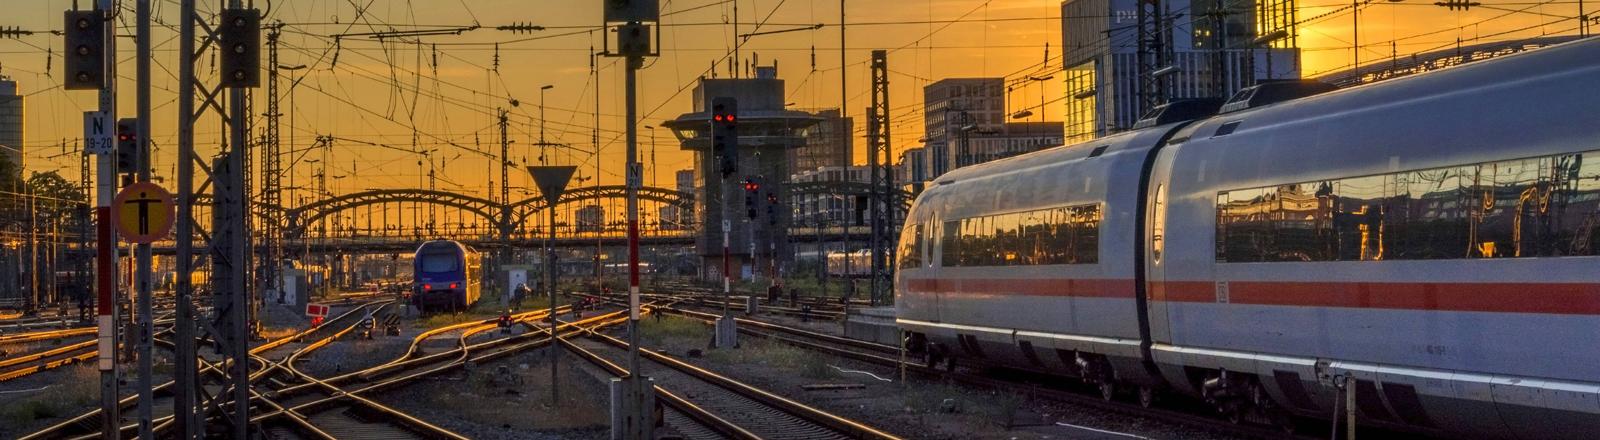 ICE fährt bei Sonnenuntergang in einen Bahnhof ein.